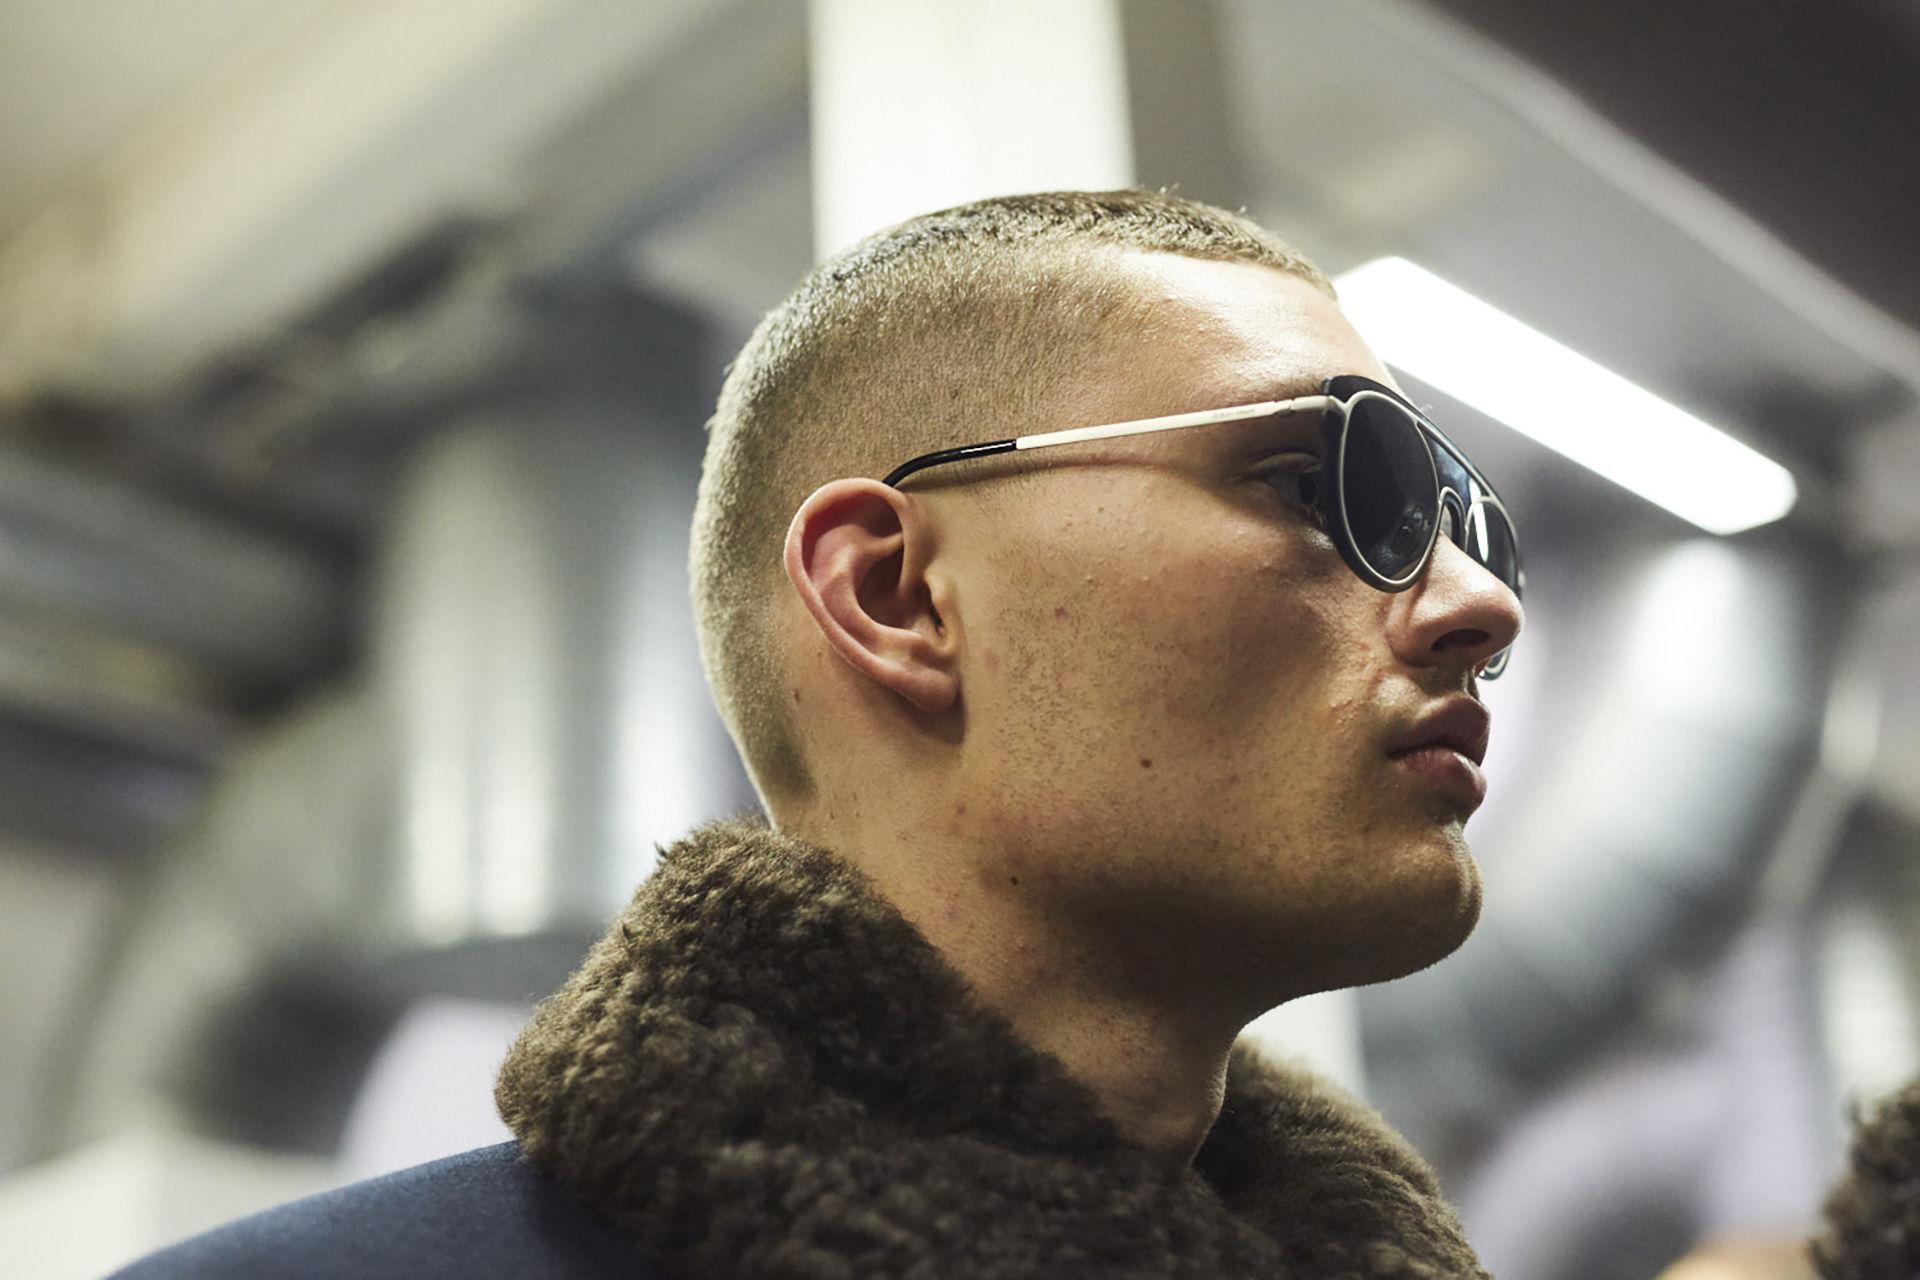 Мужская стрижка 2018 короткая с выбритыми висками и затылком